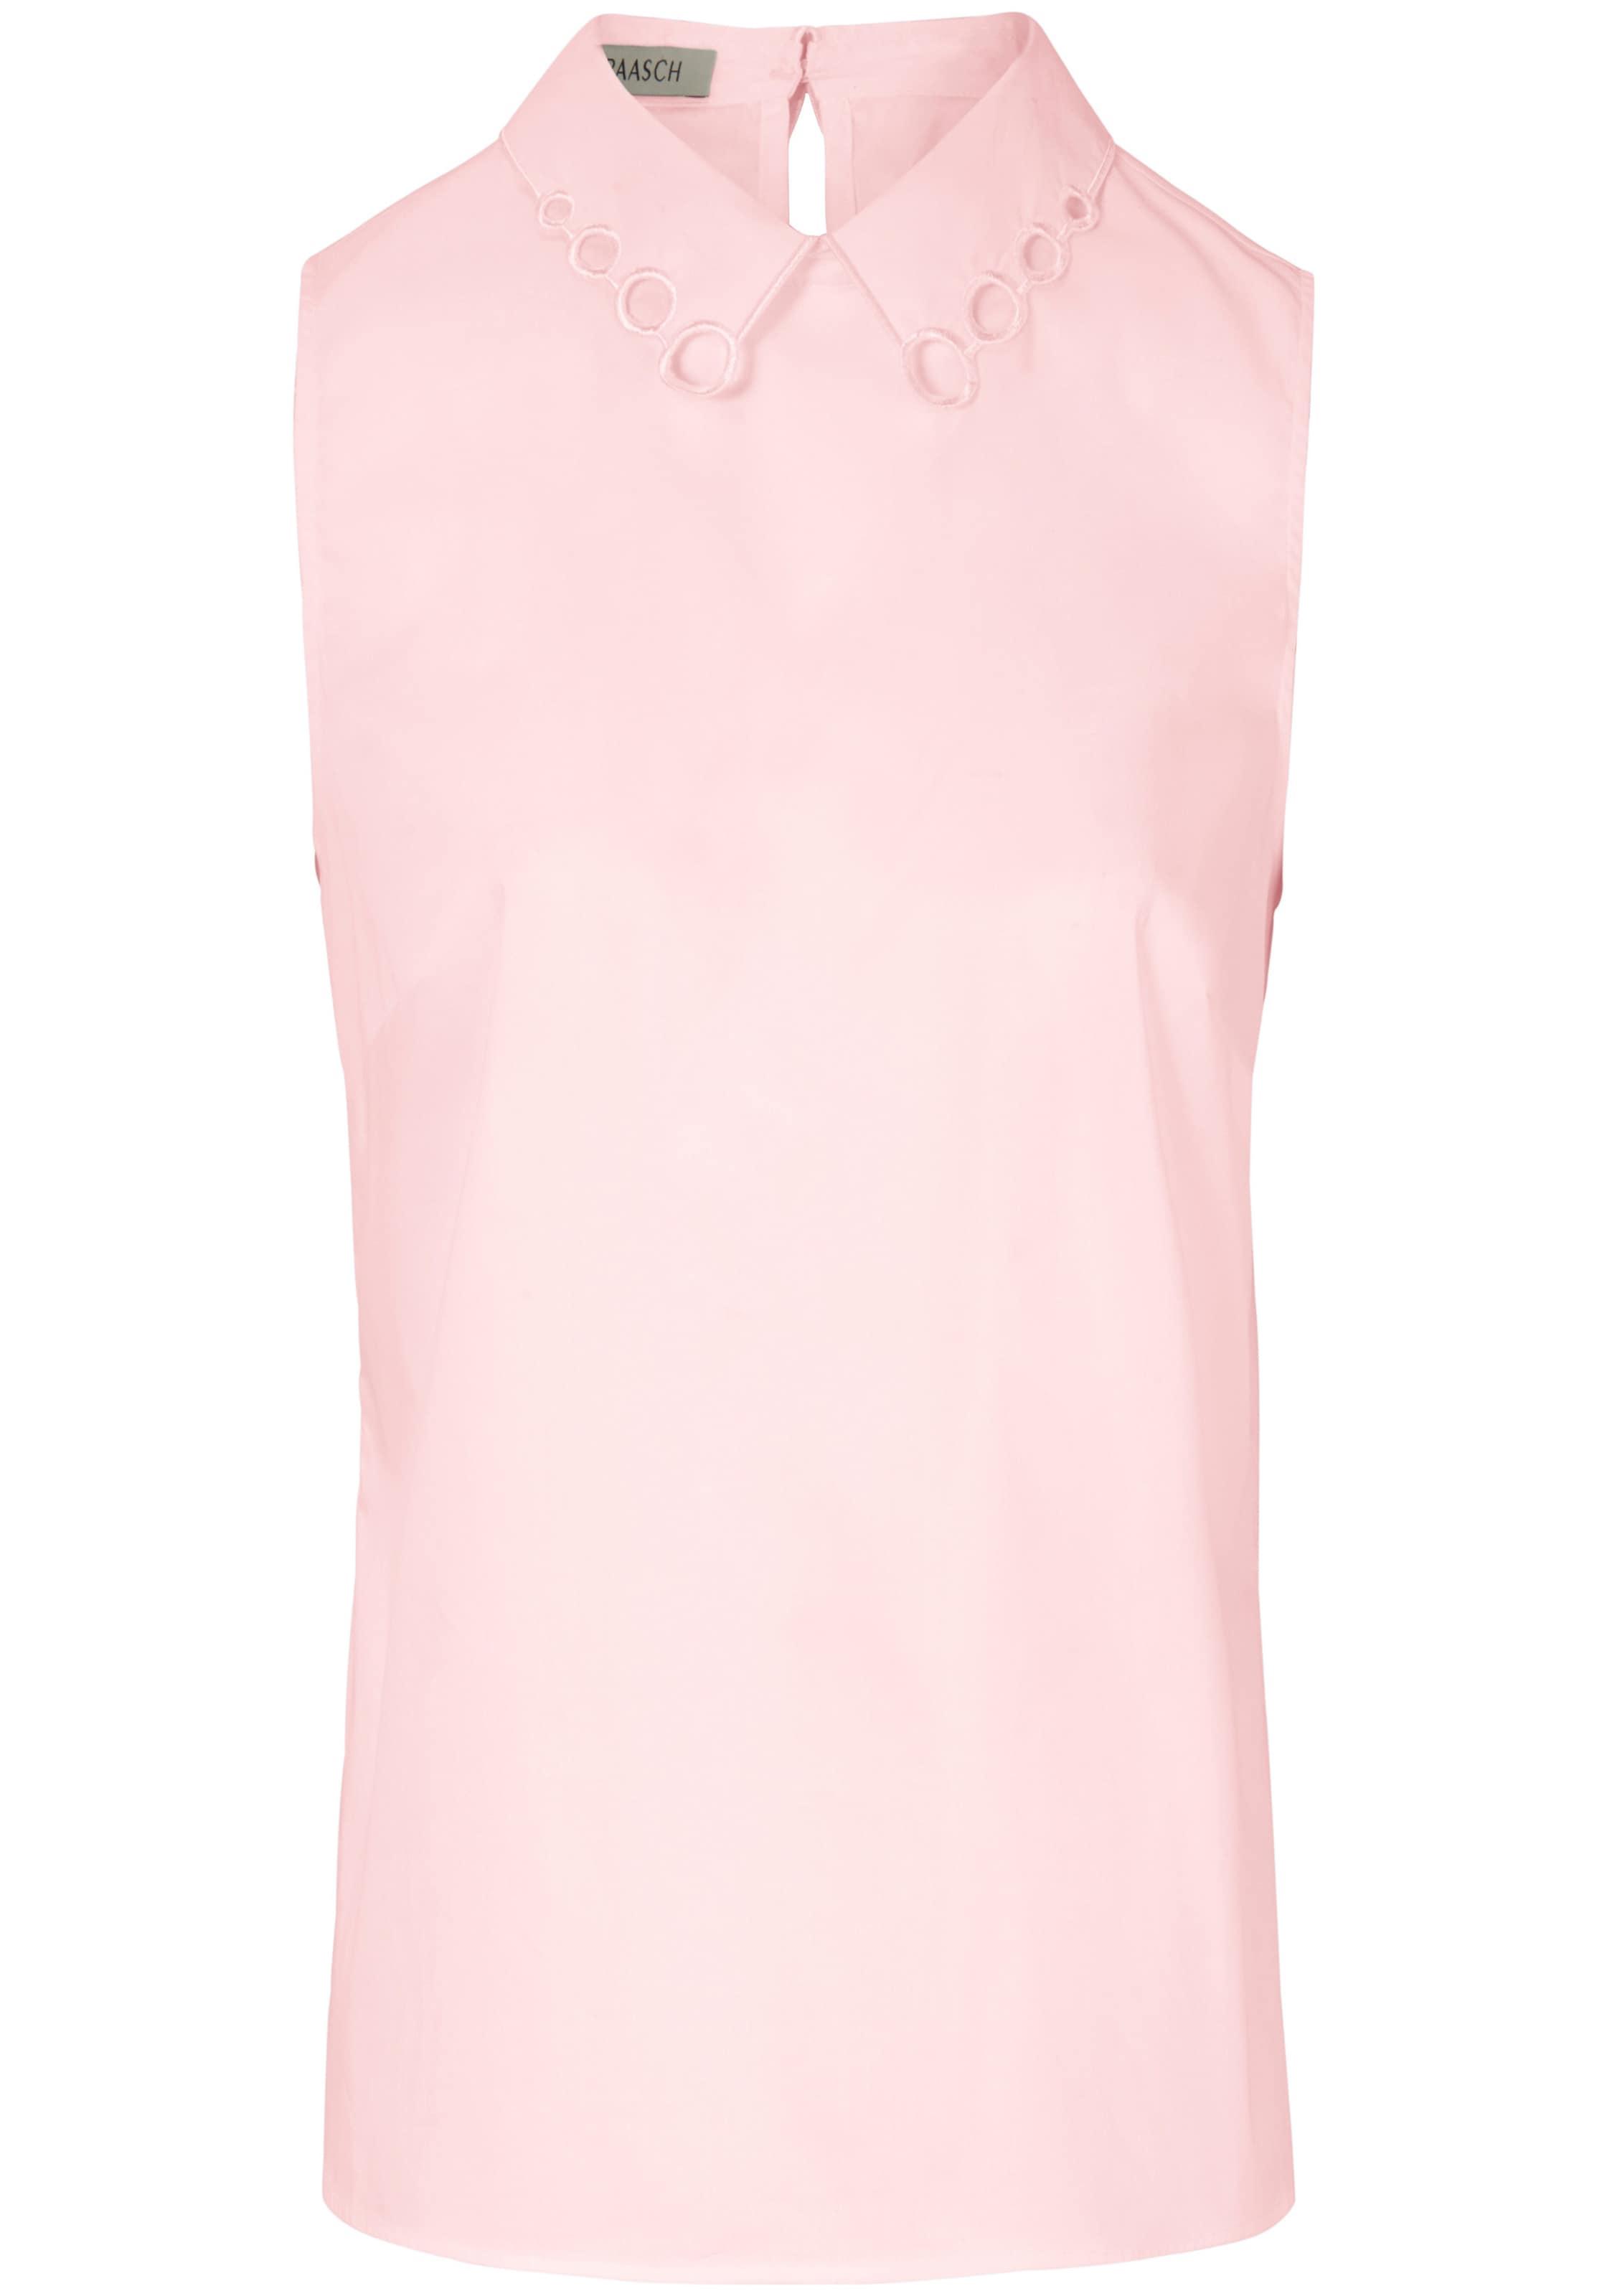 Bluse Uta Uta Bluse Uta In Pink In Raasch Raasch Pink xoCBeWrd